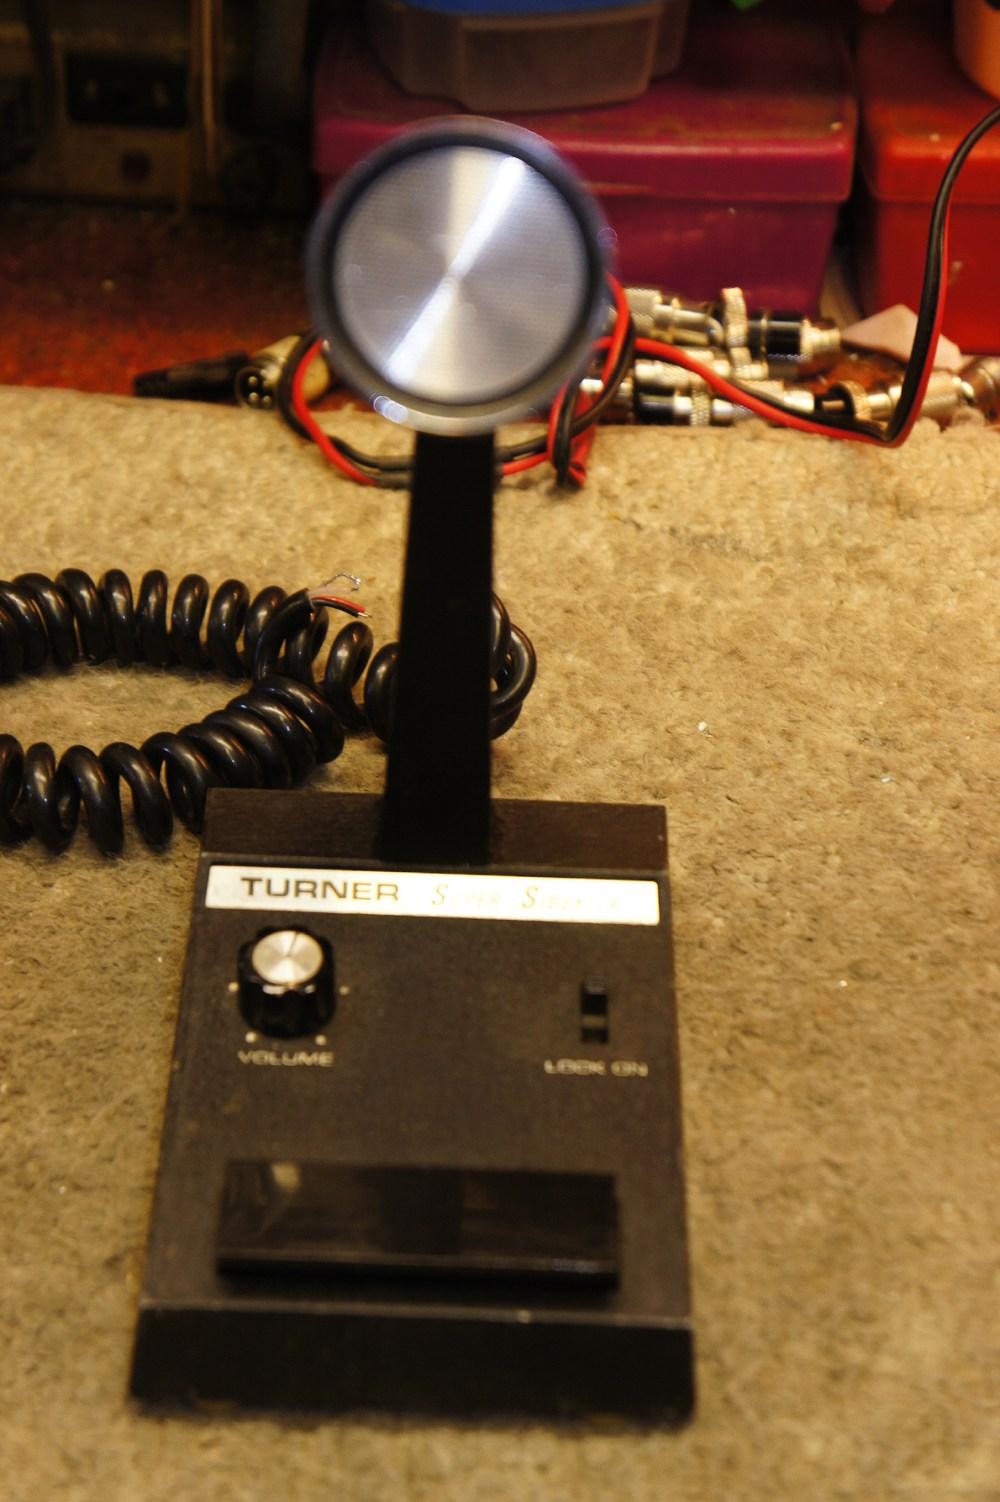 medium resolution of rr124 http www rrcom com sales camera jpg